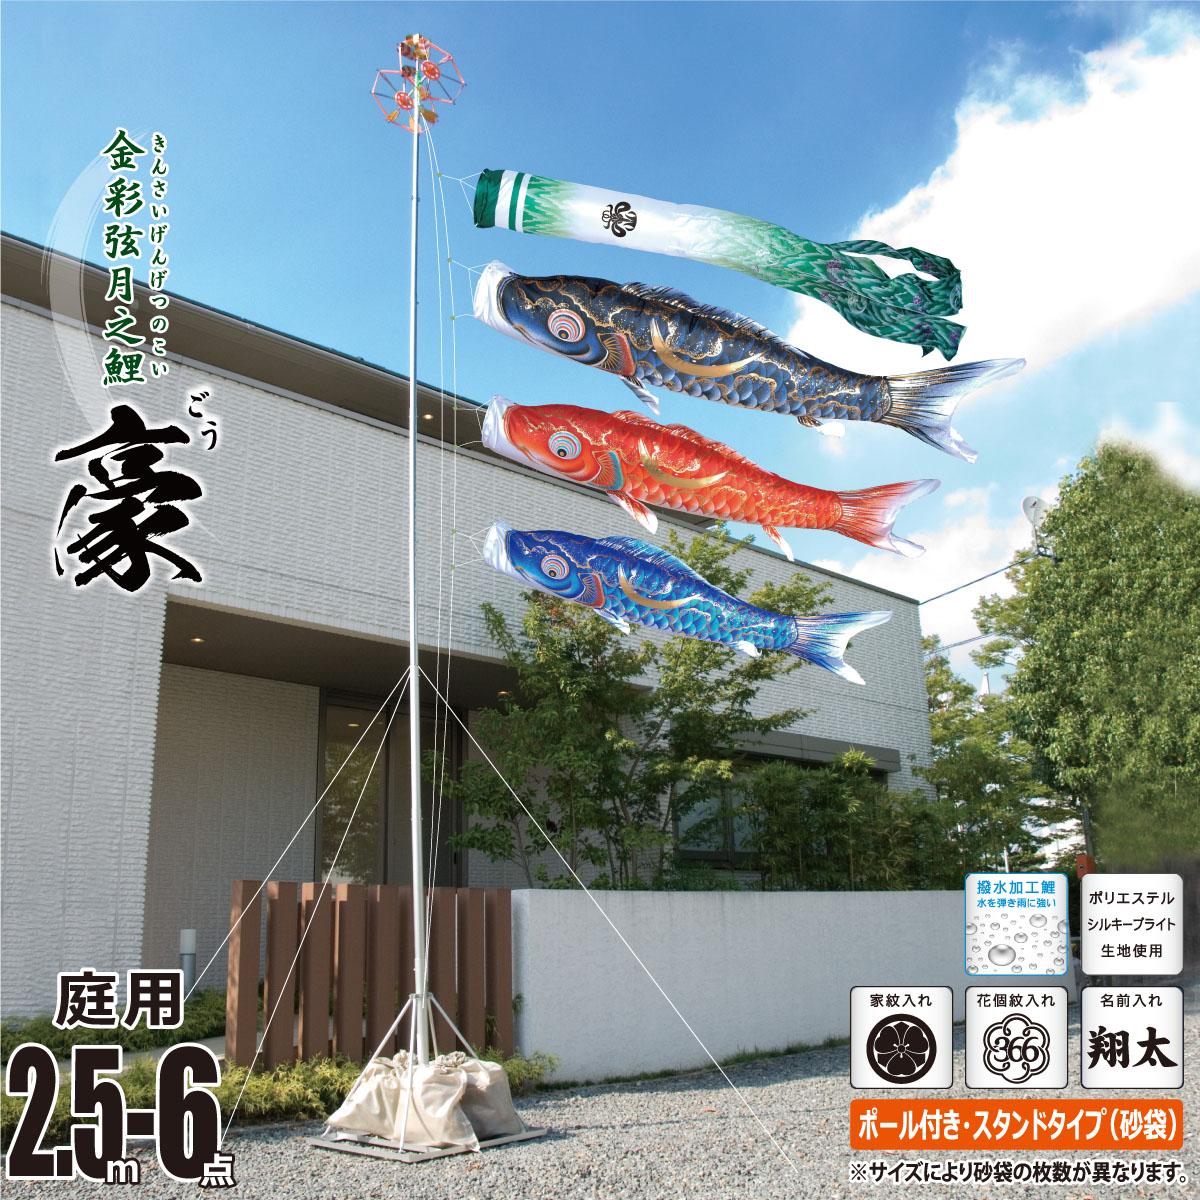 こいのぼり 2.5m 豪(ごう) 6点 (矢車、ロープ、吹流し、鯉3匹) 庭園用 スタンドセット (庭用 スタンド 砂袋4枚入り) 徳永鯉のぼり KIT-116-171